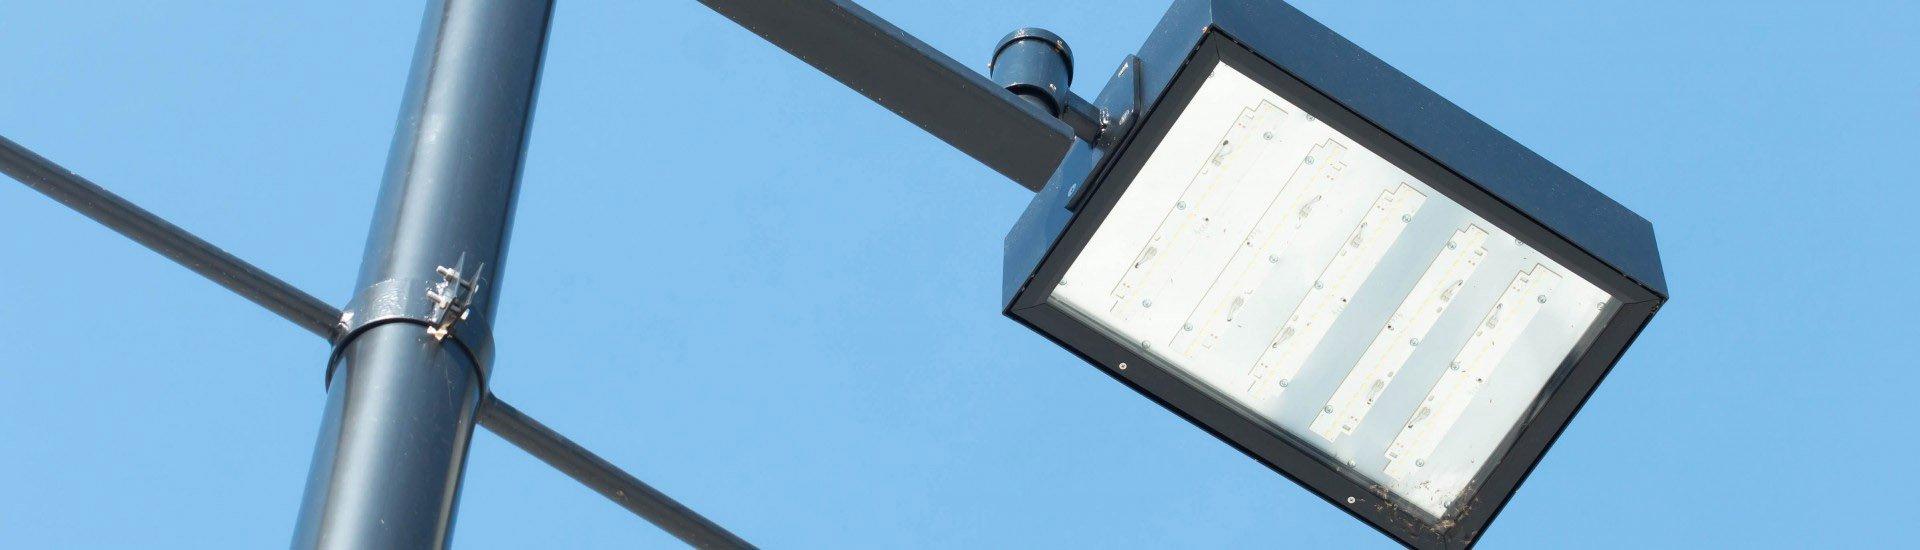 Comune di Fontanellato riqualificazione a LED